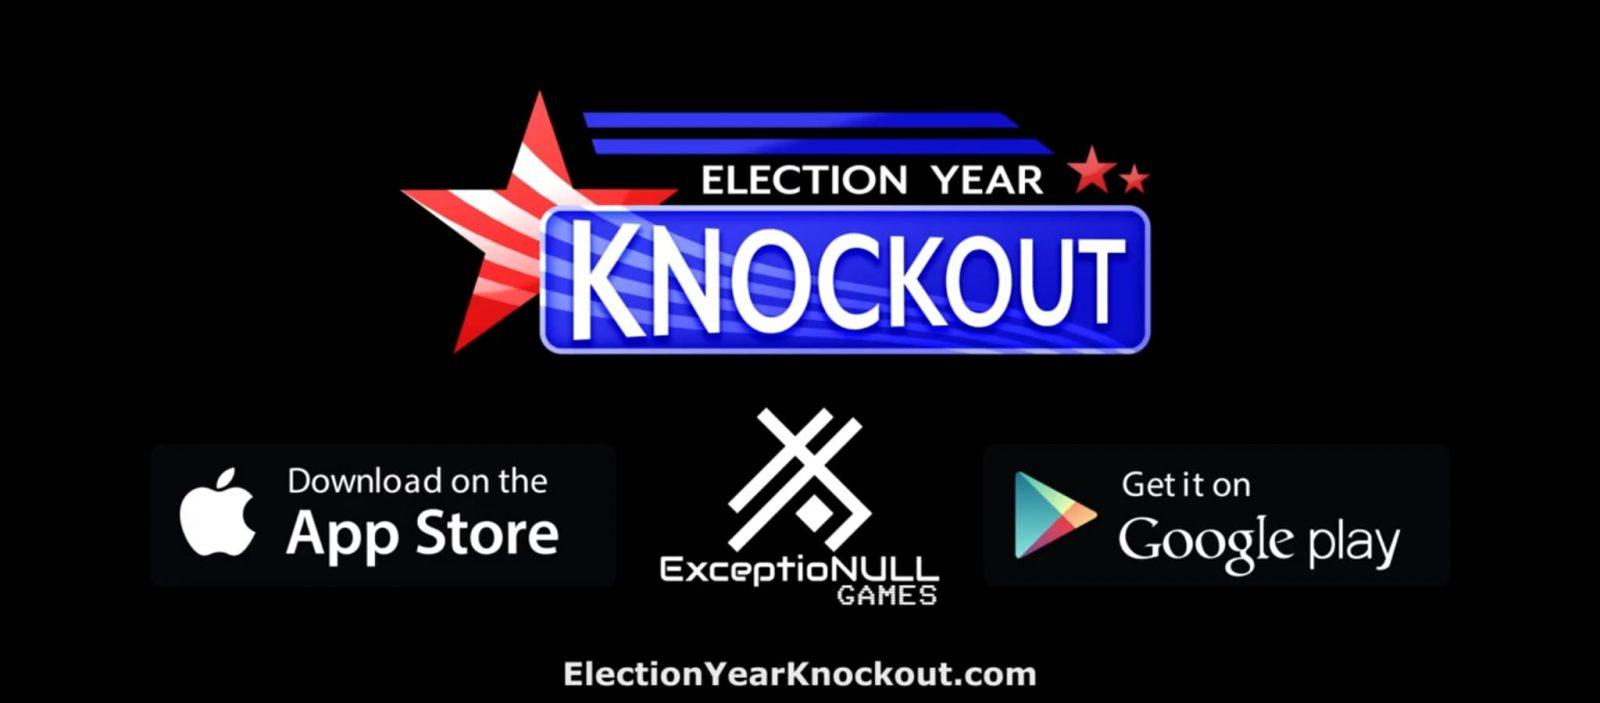 14 февраля начнётся гонка за президентское кресло в игре Election Year Knockout